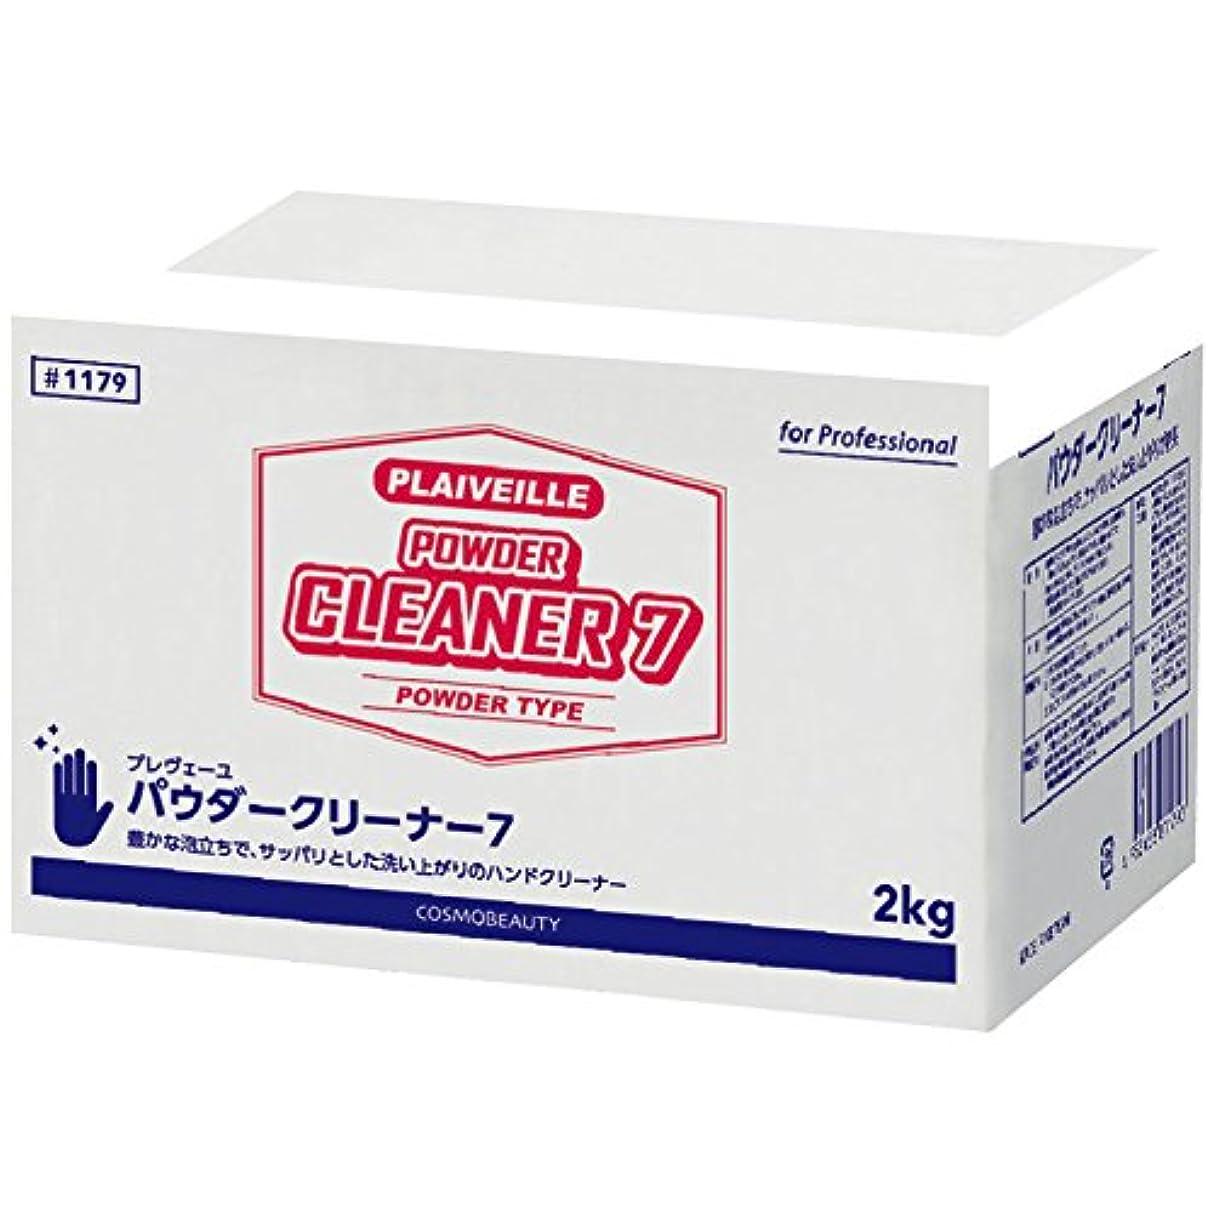 裏切り規定静けさコスモビューティー 業務用手洗い洗剤 パワークリーナーセブン( 旧名:クリンバーセブン) 2kg×4個 / 1179